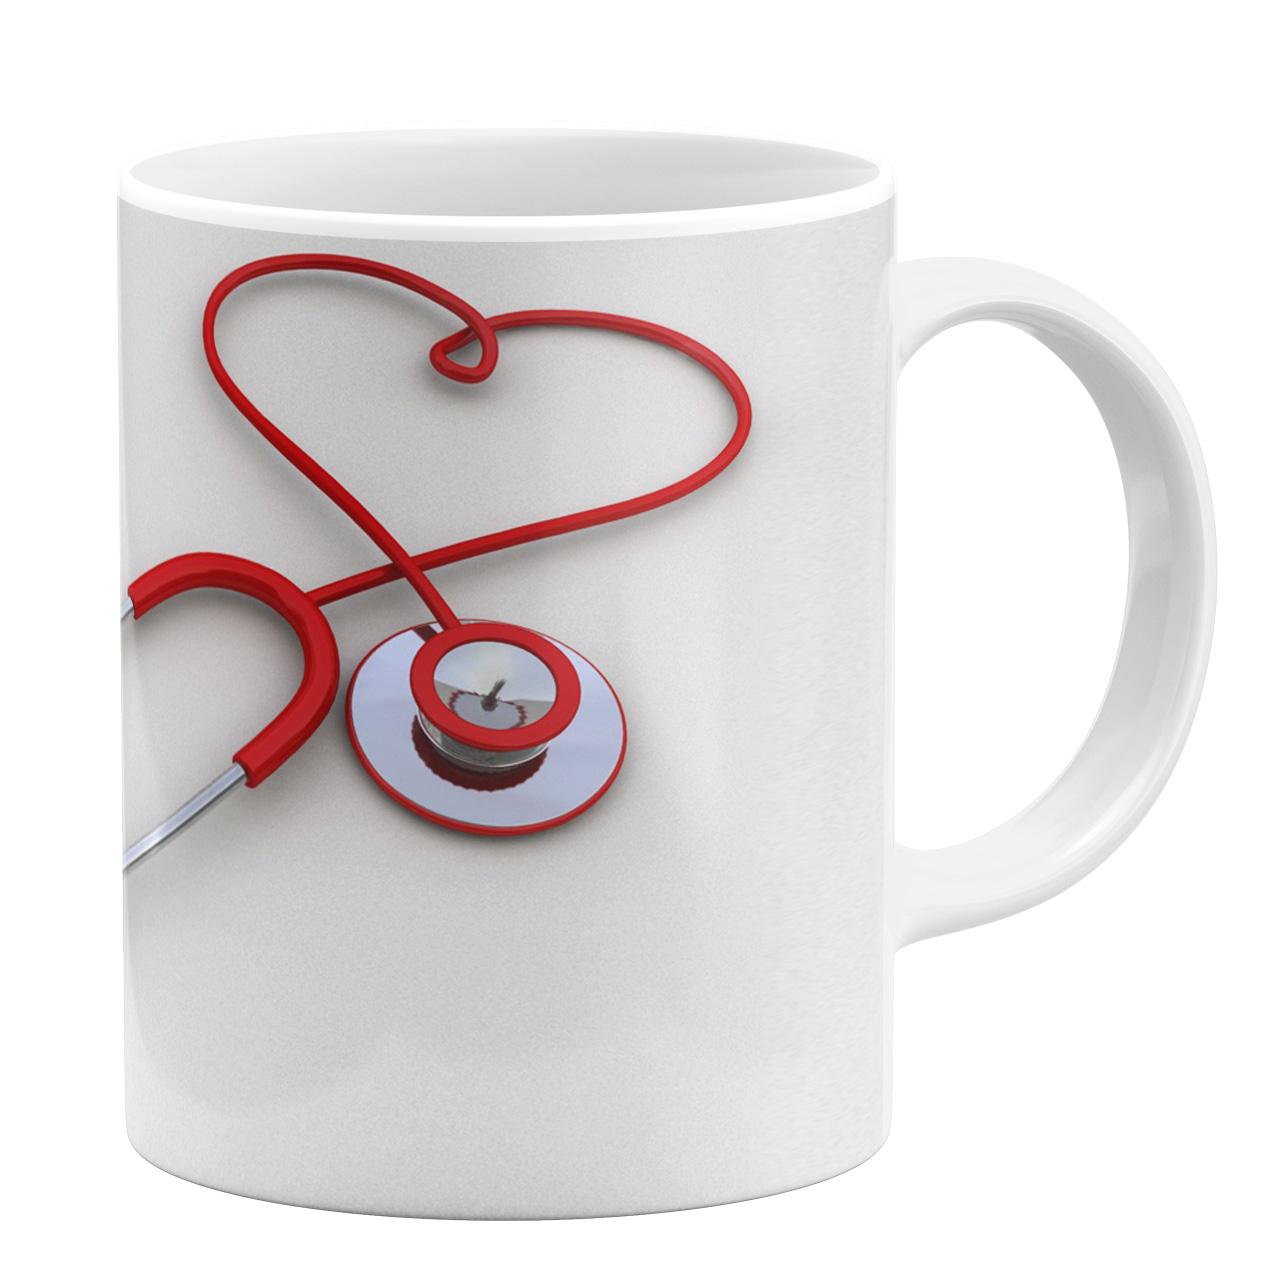 عکس ماگ طرح پزشکی کد 109926